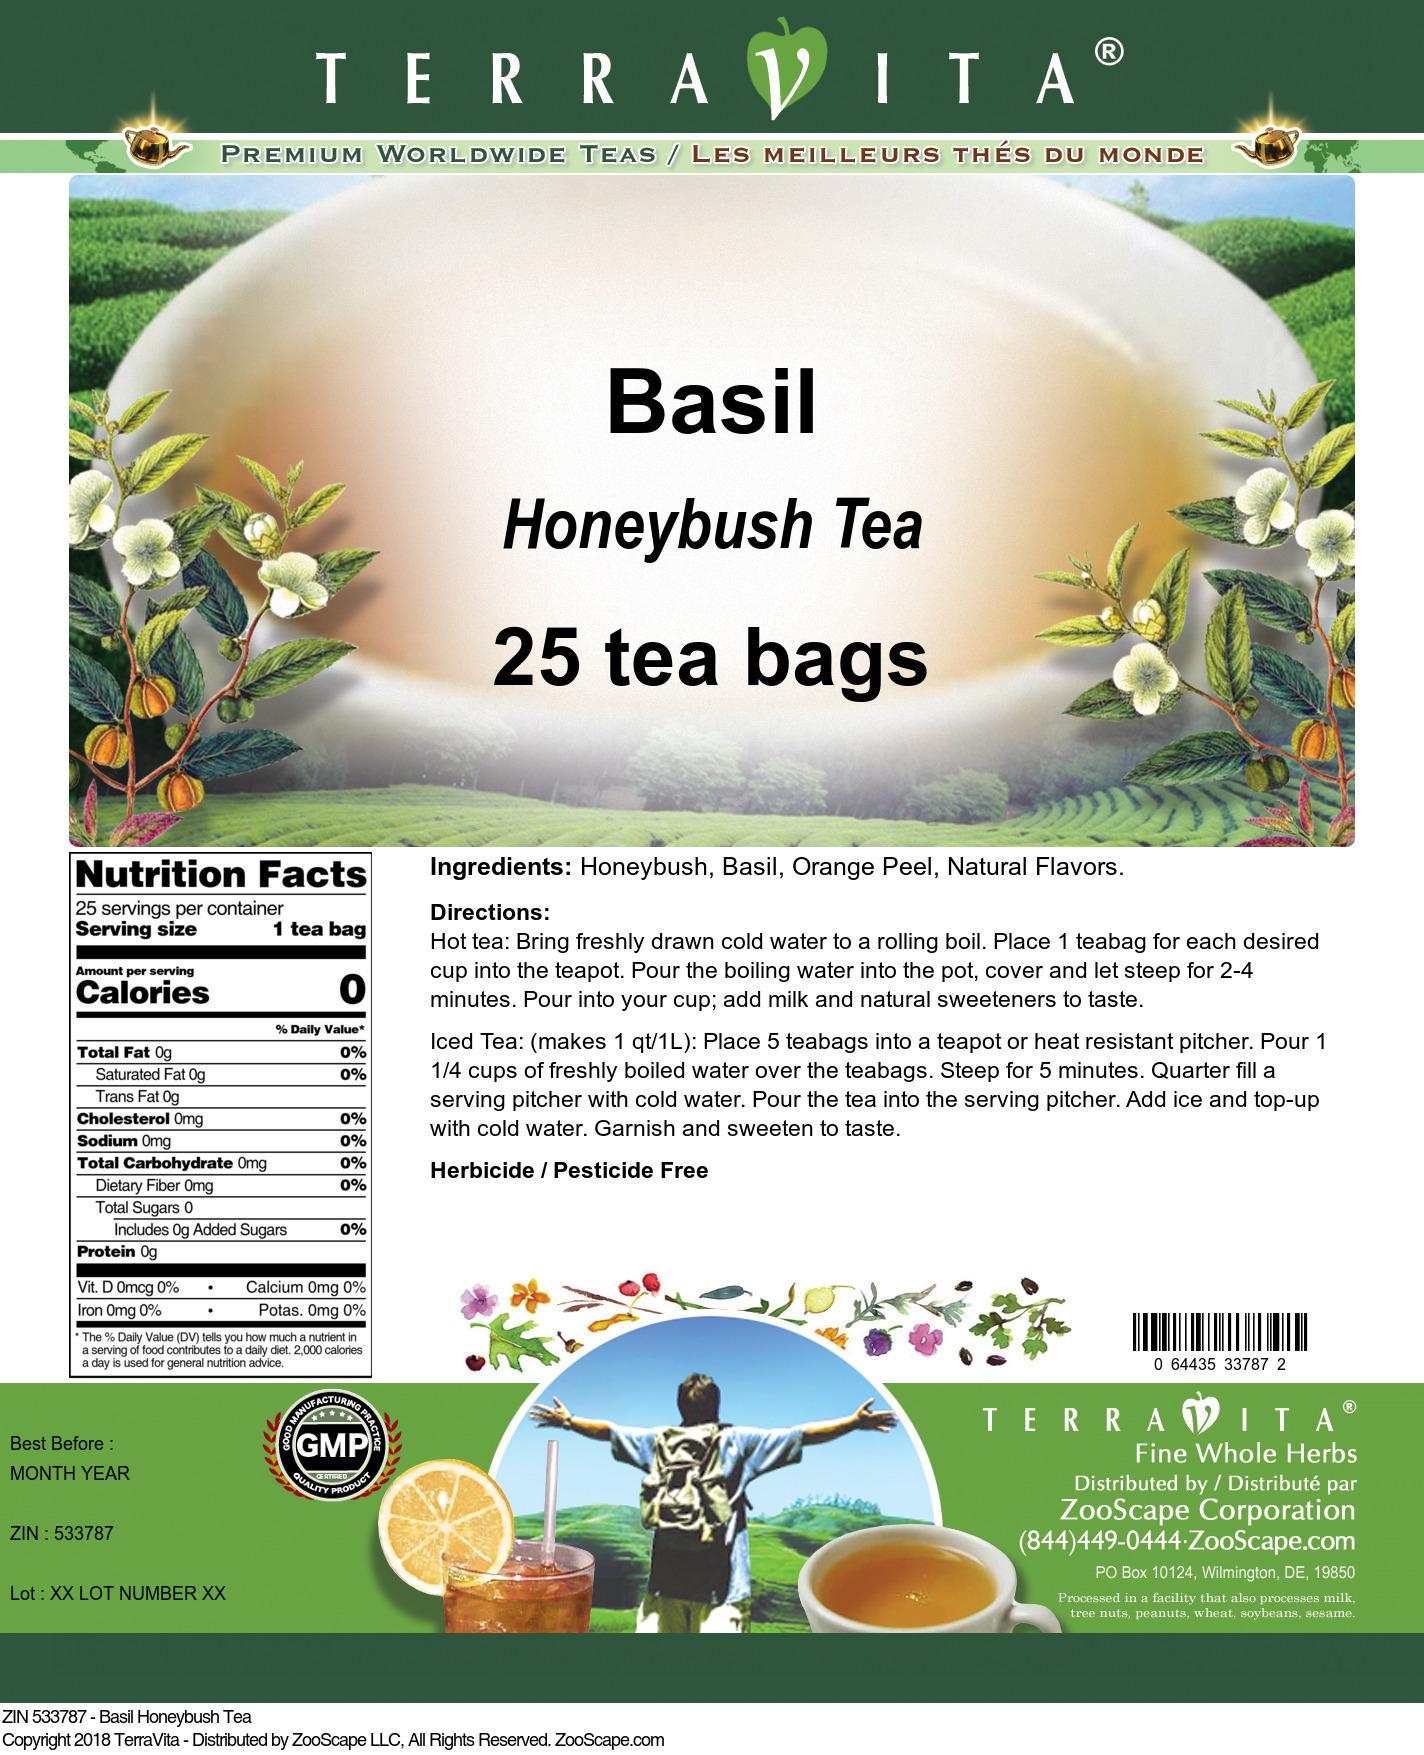 Basil Honeybush Tea